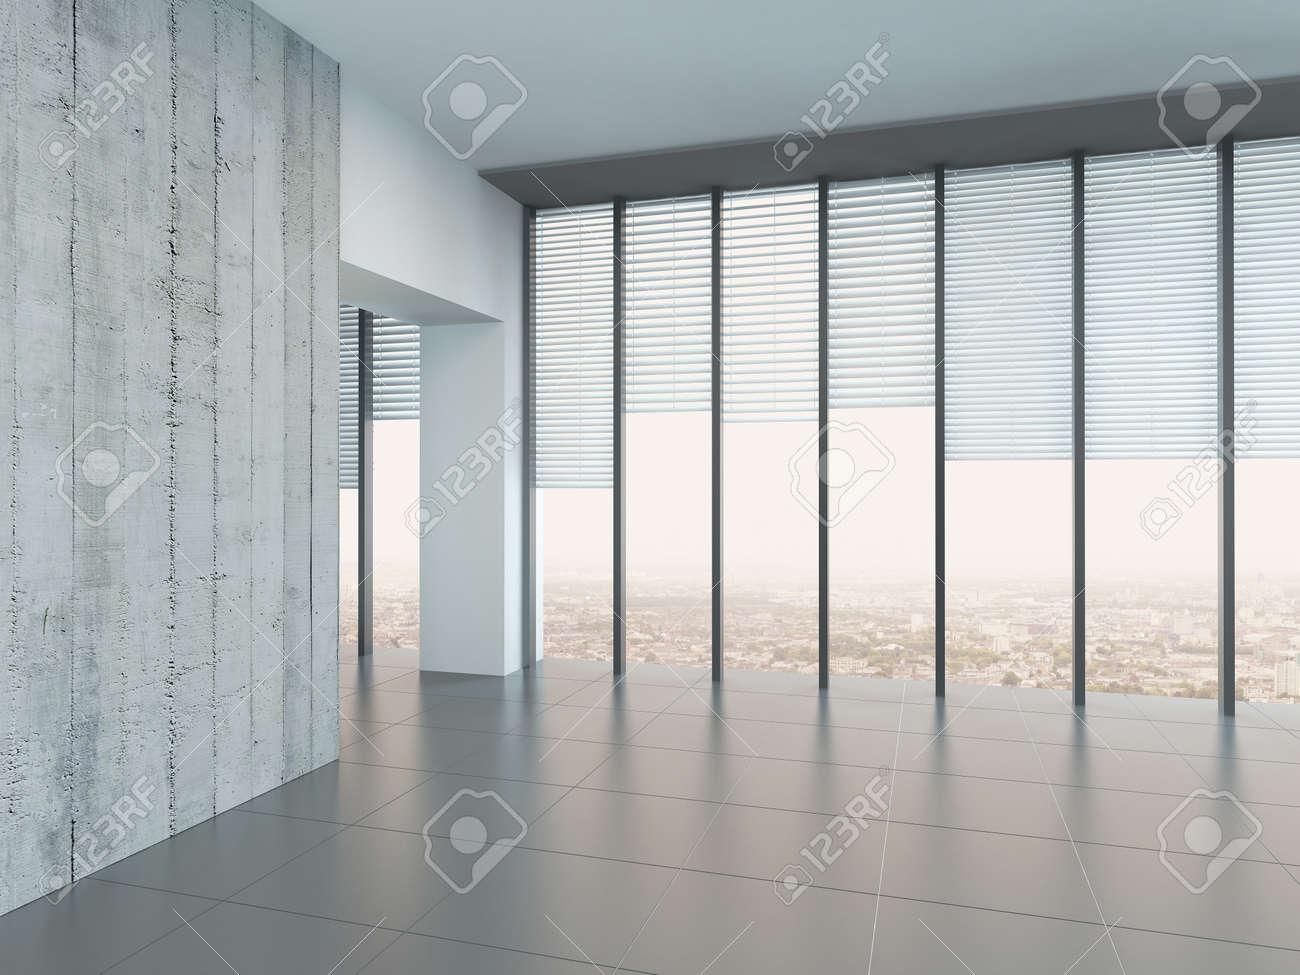 Pavimento Grigio Perla : Pavimento grigio chiaro come filo conduttore di tutto il